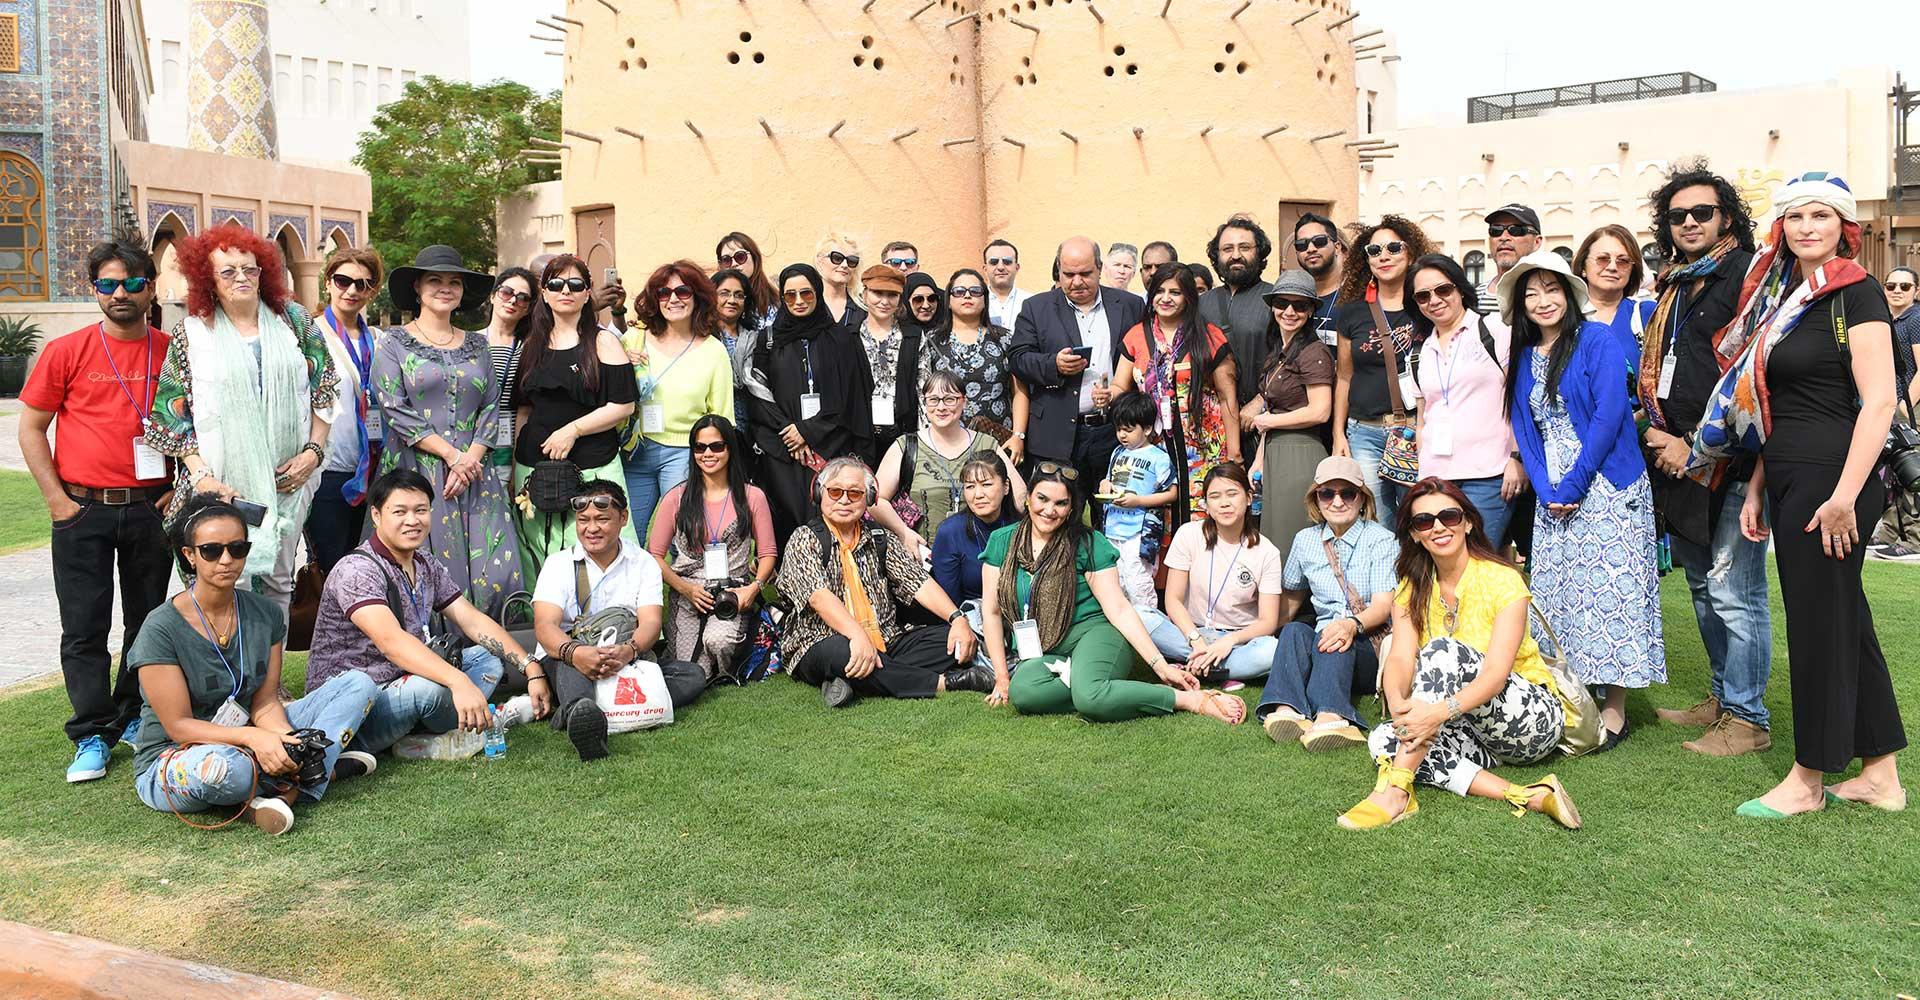 qiaf-qatar-international-art-festival